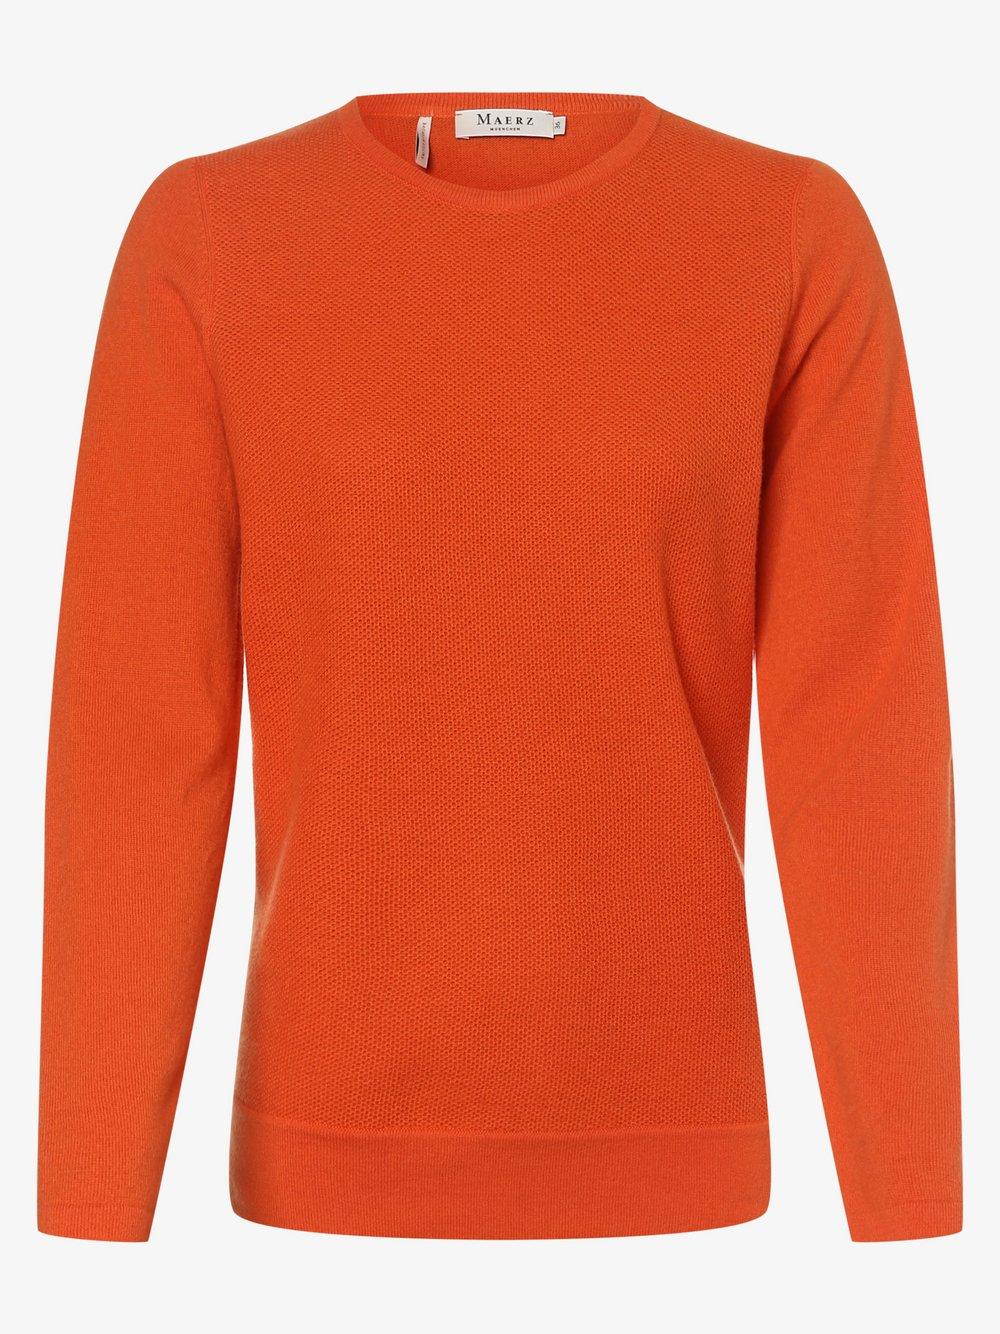 März - Sweter damski, pomarańczowy